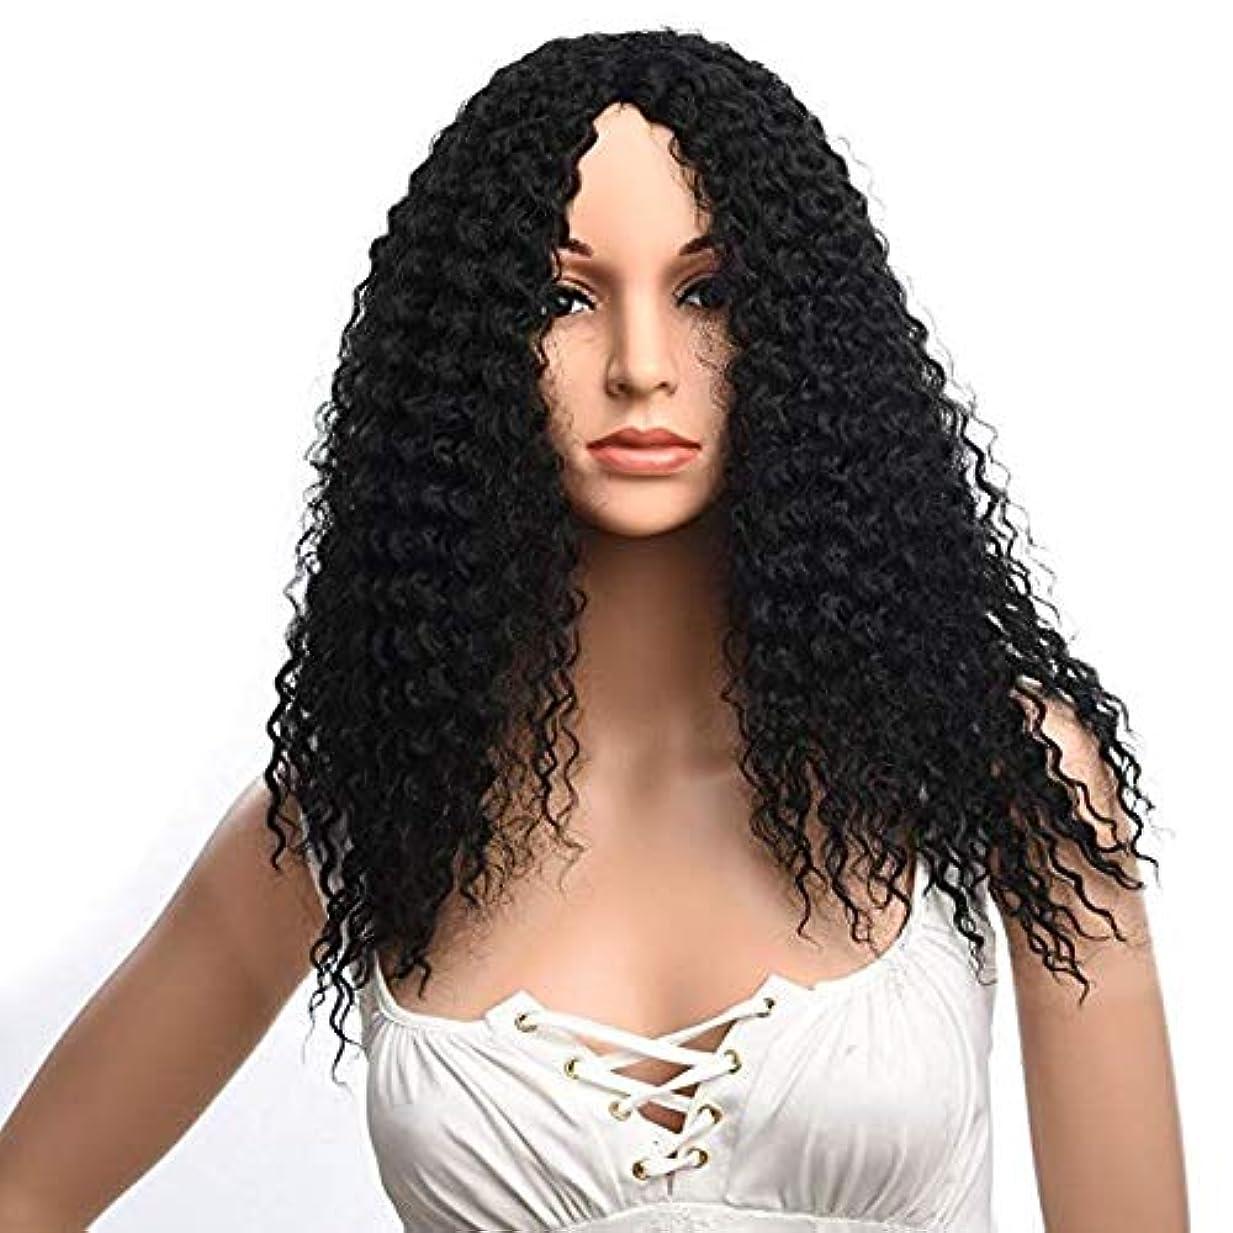 ゴムワイプ適用済み女性の肩短い髪ふわふわ高温シルクファッションかつら